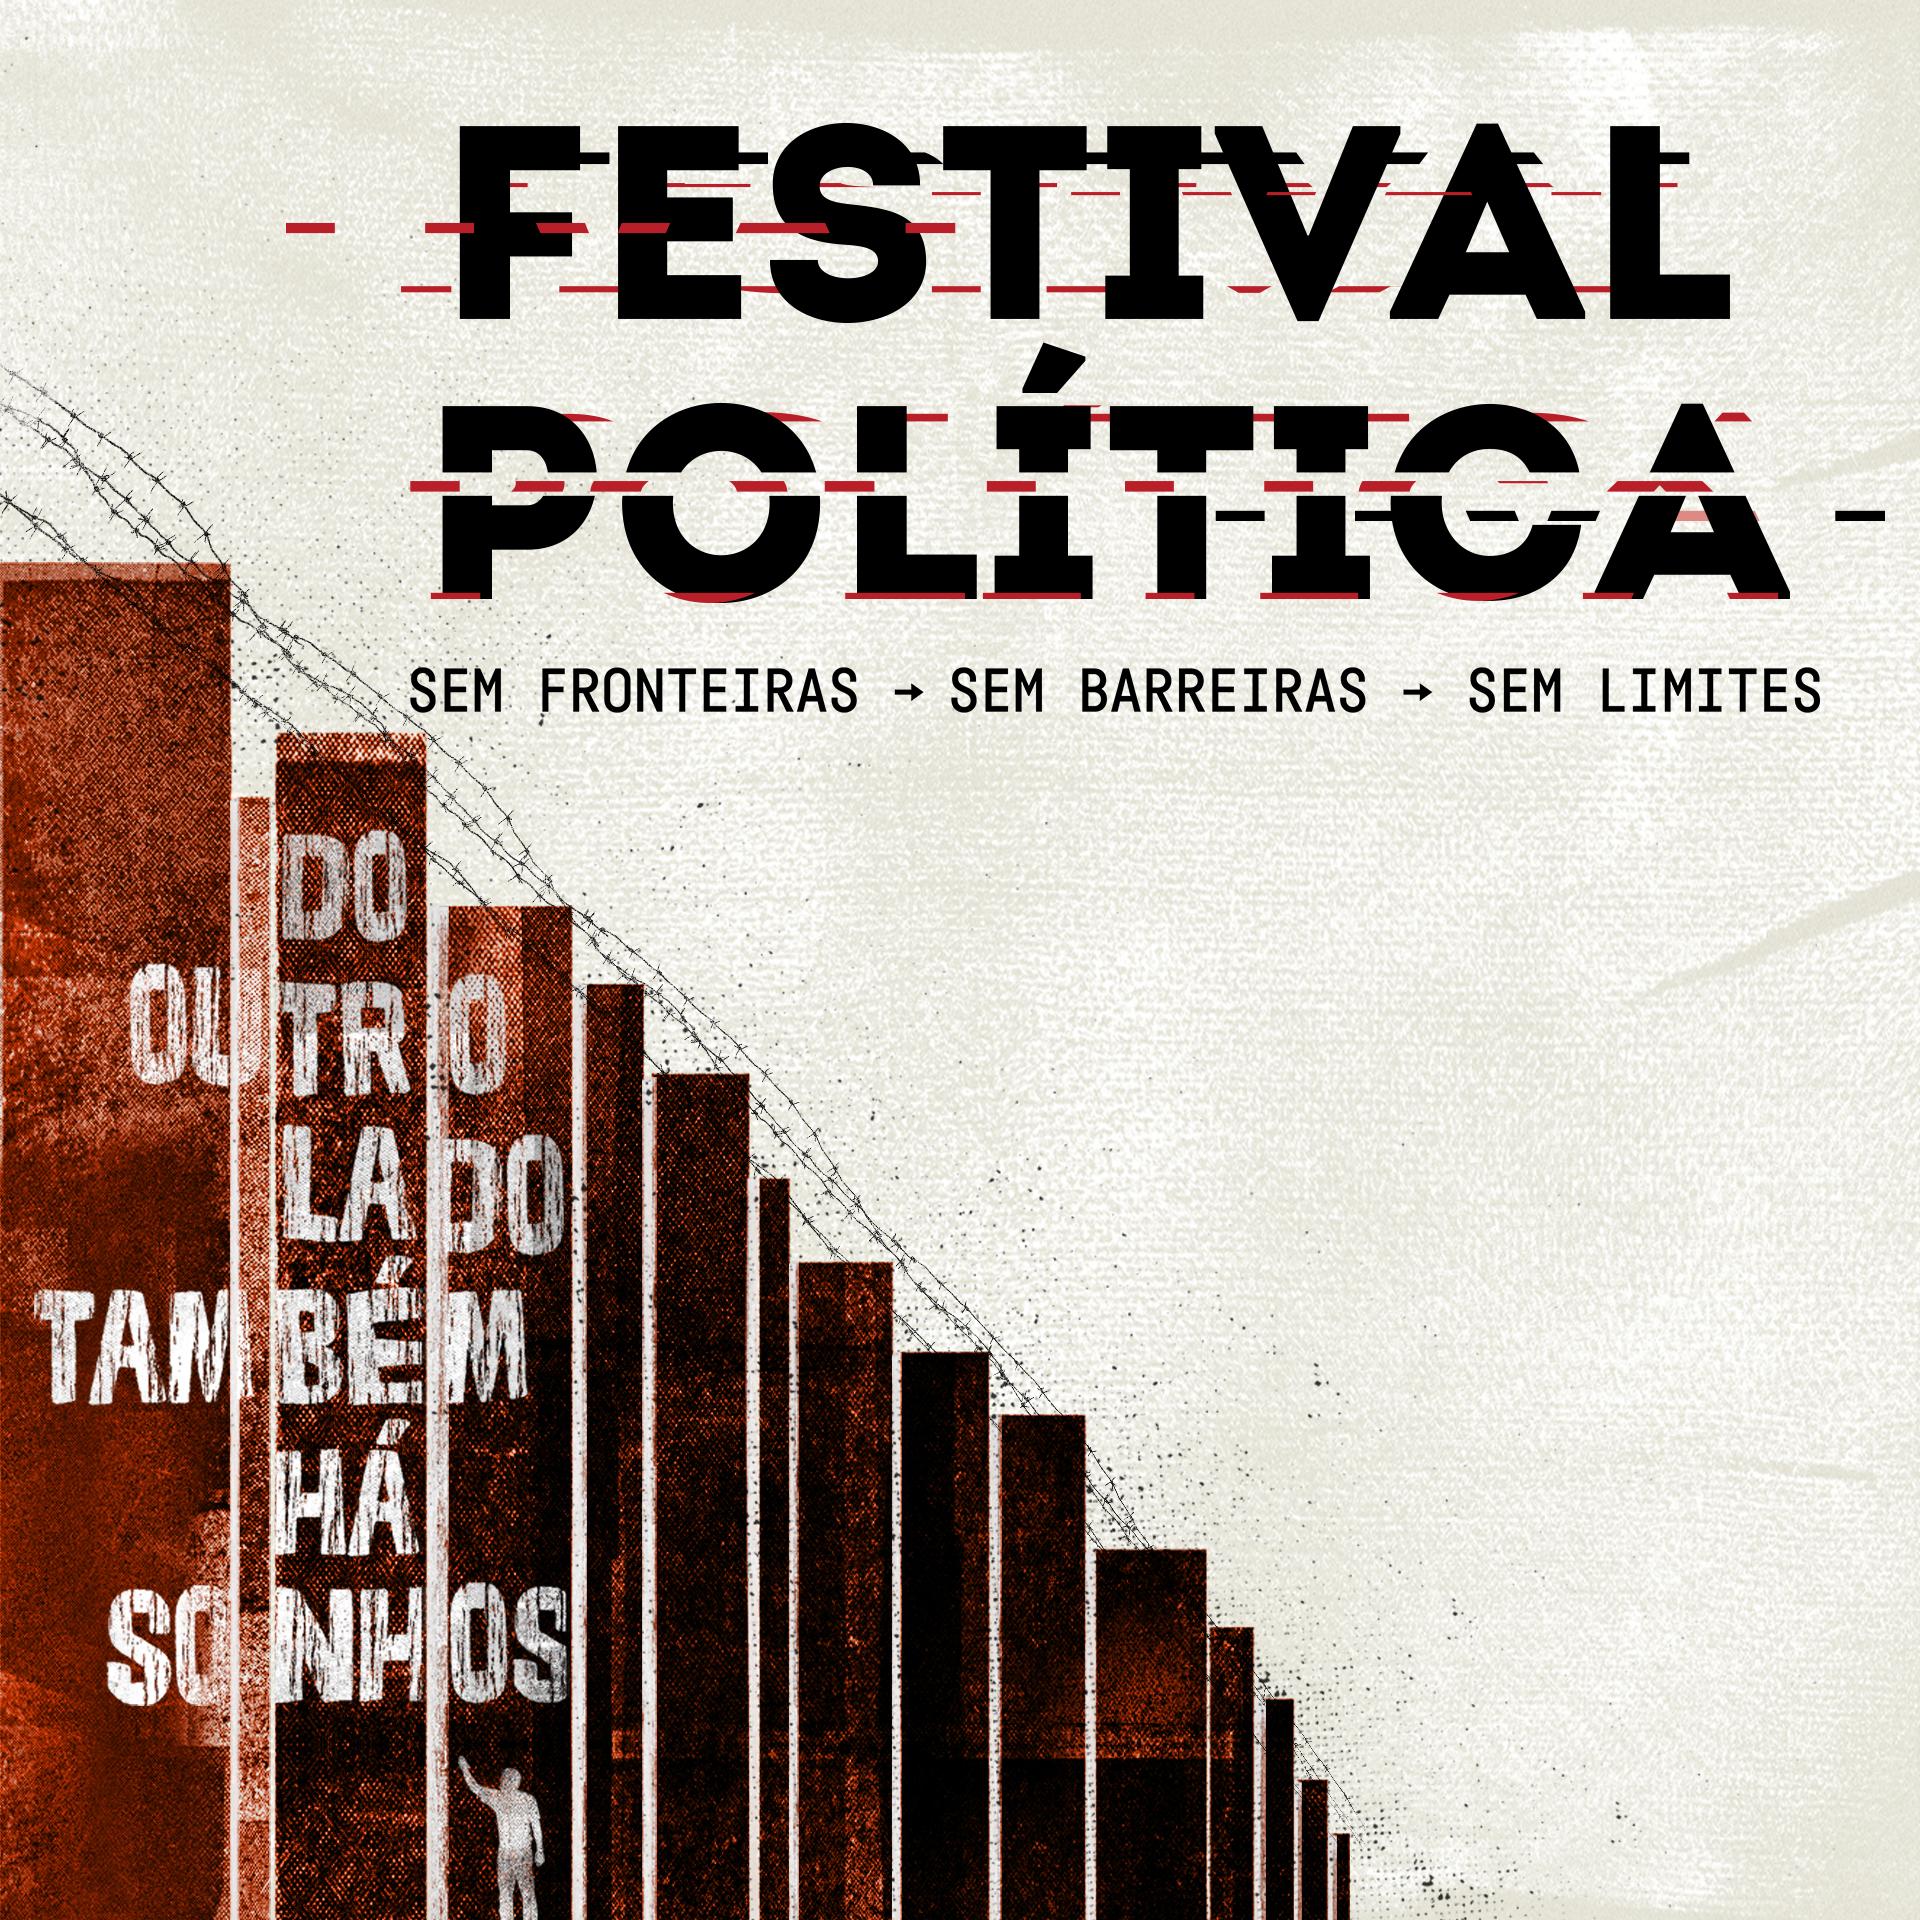 Festival Politica